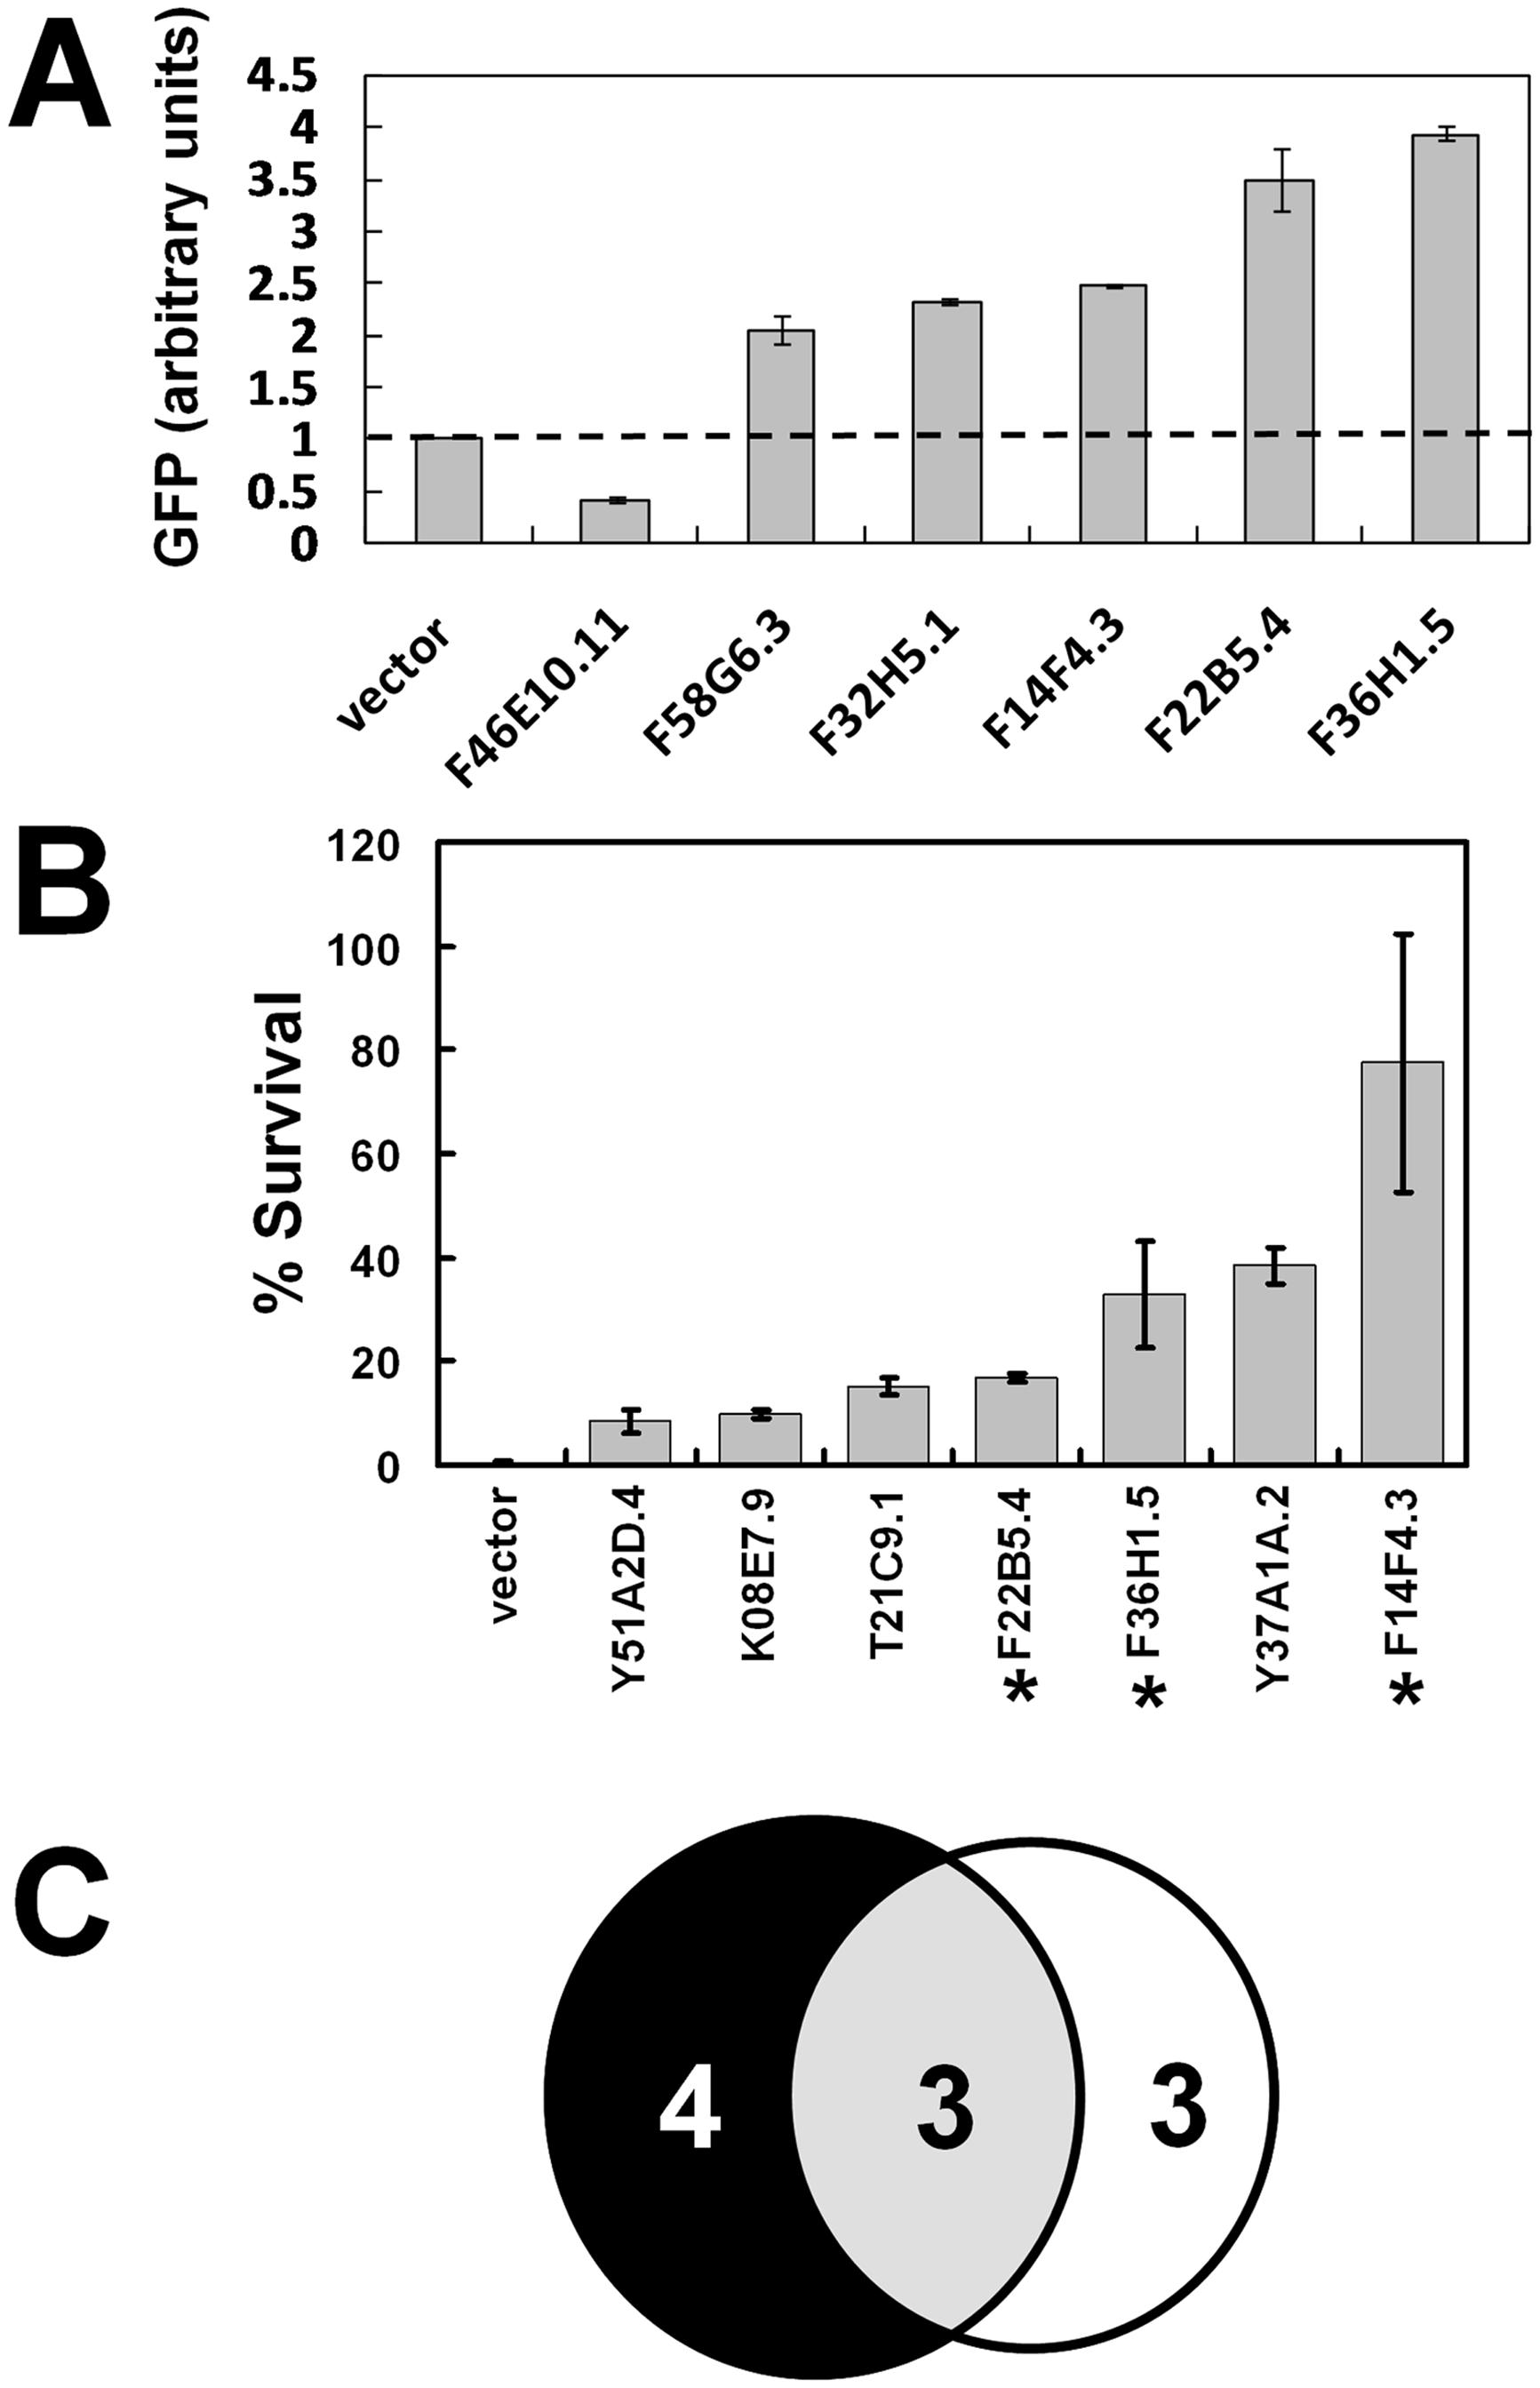 Functional validation of heme-responsive genes.